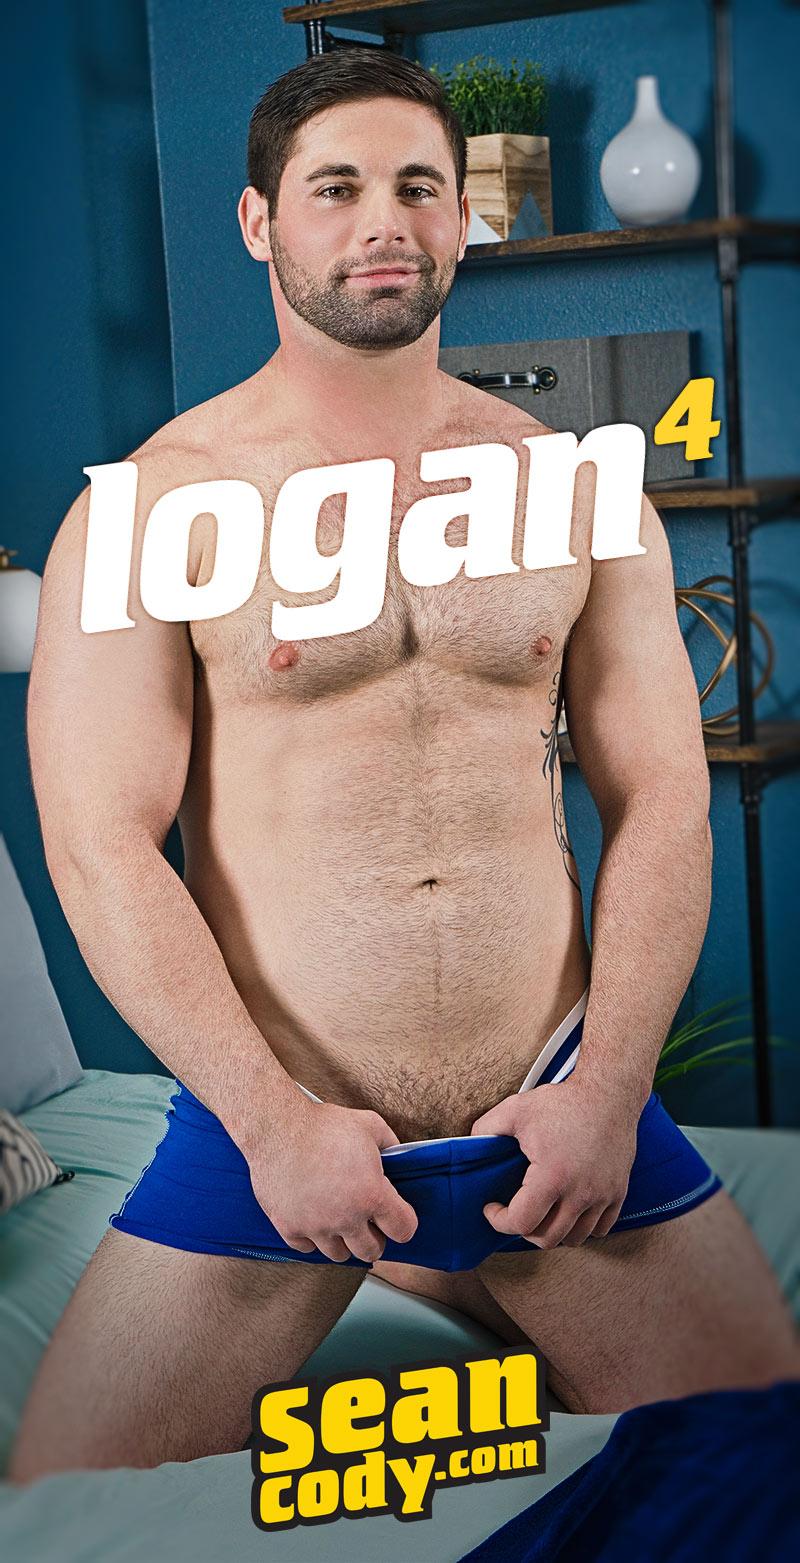 Logan (IV) at SeanCody